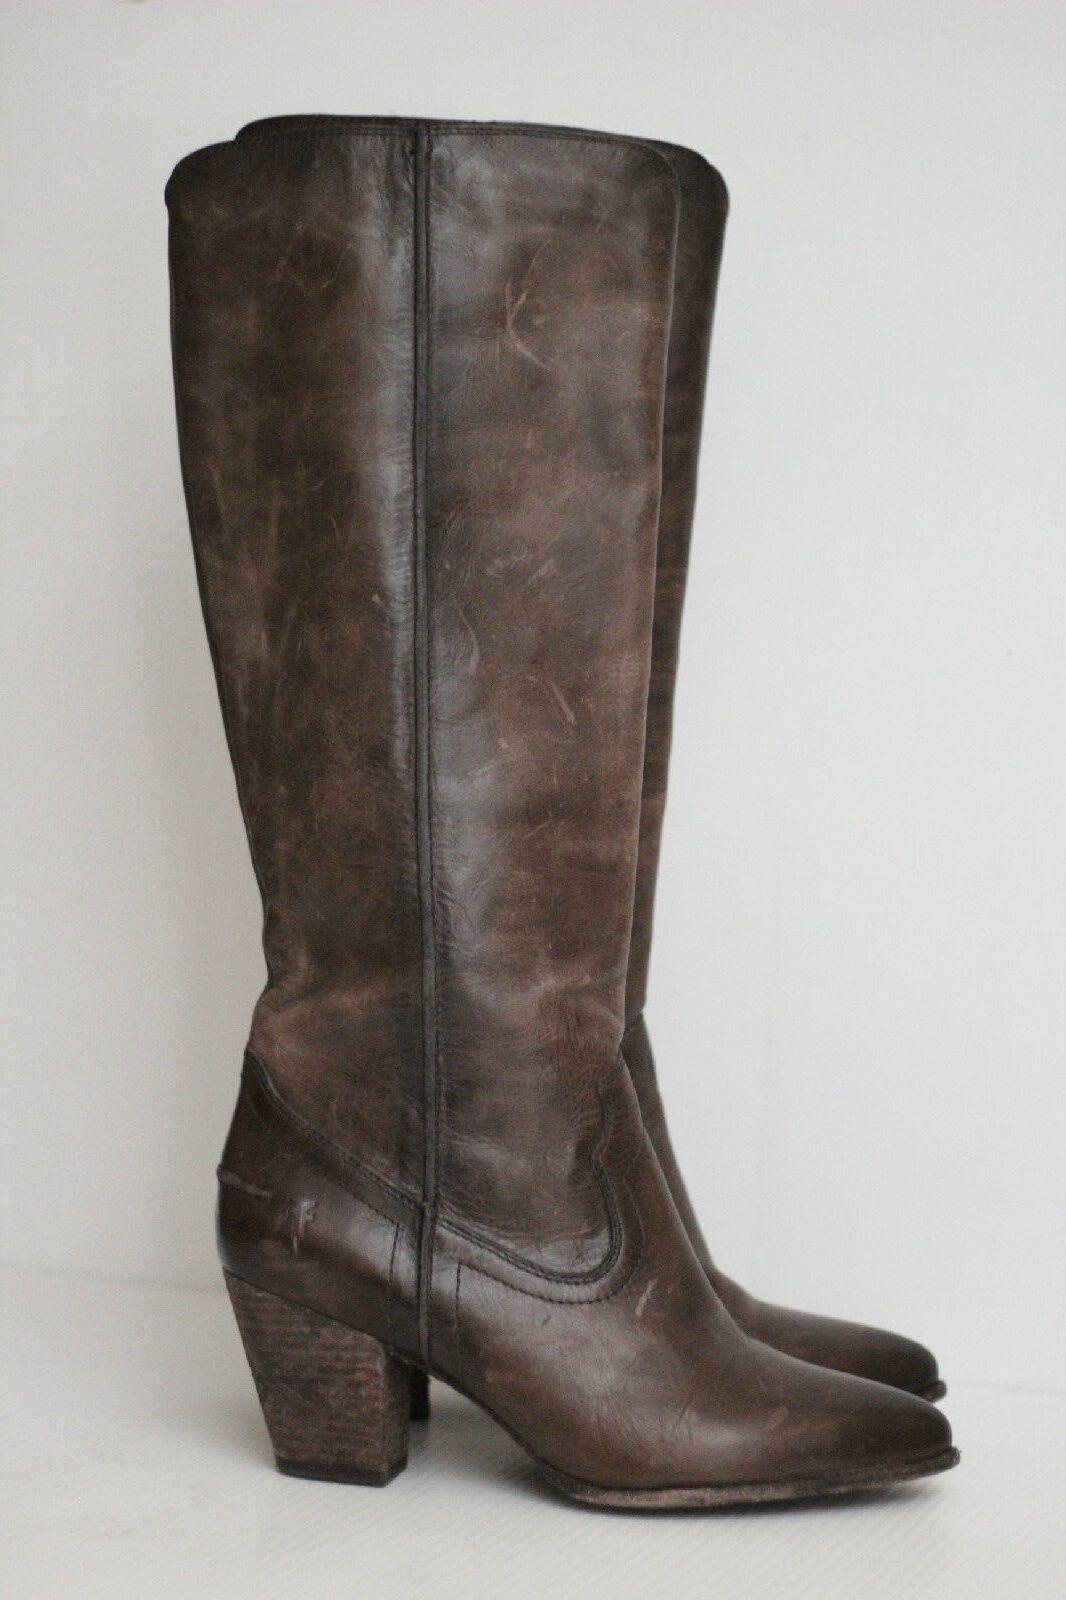 Nuevo Frye son Nee 'Costura Alto Alto Alto botas De Cuero-Marrón Pizarra-tamaño 9 M - 3472069  378  comprar ahora